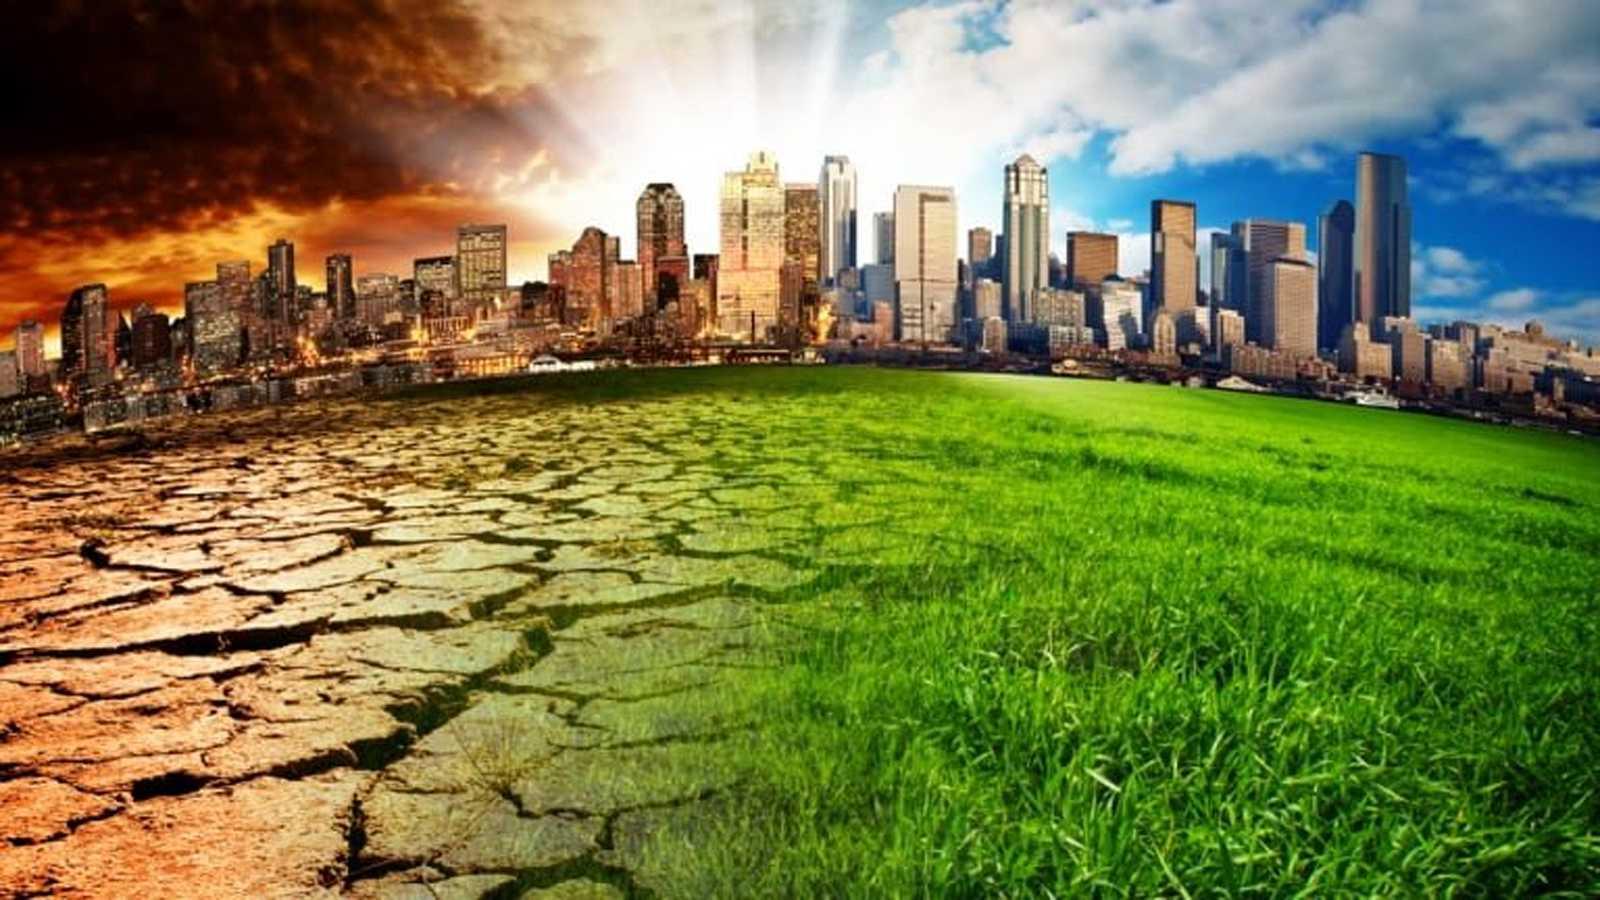 Vida verde - Emergencia climática, contaminación y biodiversidad - 31/10/20 - escuchar ahora